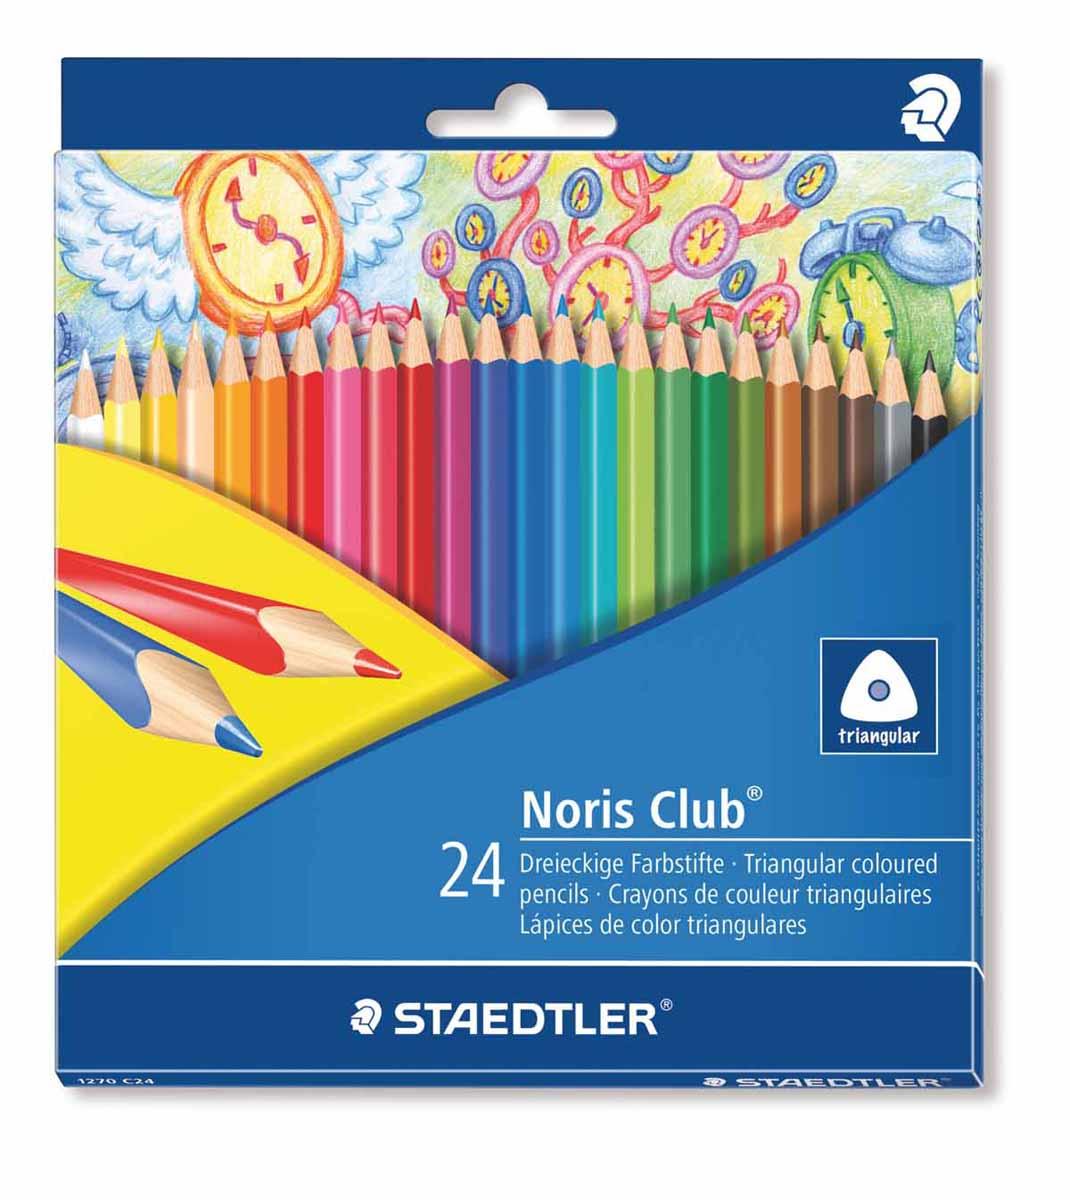 Staedtler Набор цветных карандашей Noris Club 24 цвета1270C24Цветные карандаши Staedtler Noris Club помогут маленькому художнику создавать настоящие произведения искусства.Набор состоит из 24 самых разных насыщенных цветов.Изделия имеют прочный грифель и удобную шестигранную форму, которая позволяет легко их затачивать.Такие карандаши будет незаменимы в процессе обучения и для детского творчества.Набор упакован в яркую коробочку с оригинальным дизайном.